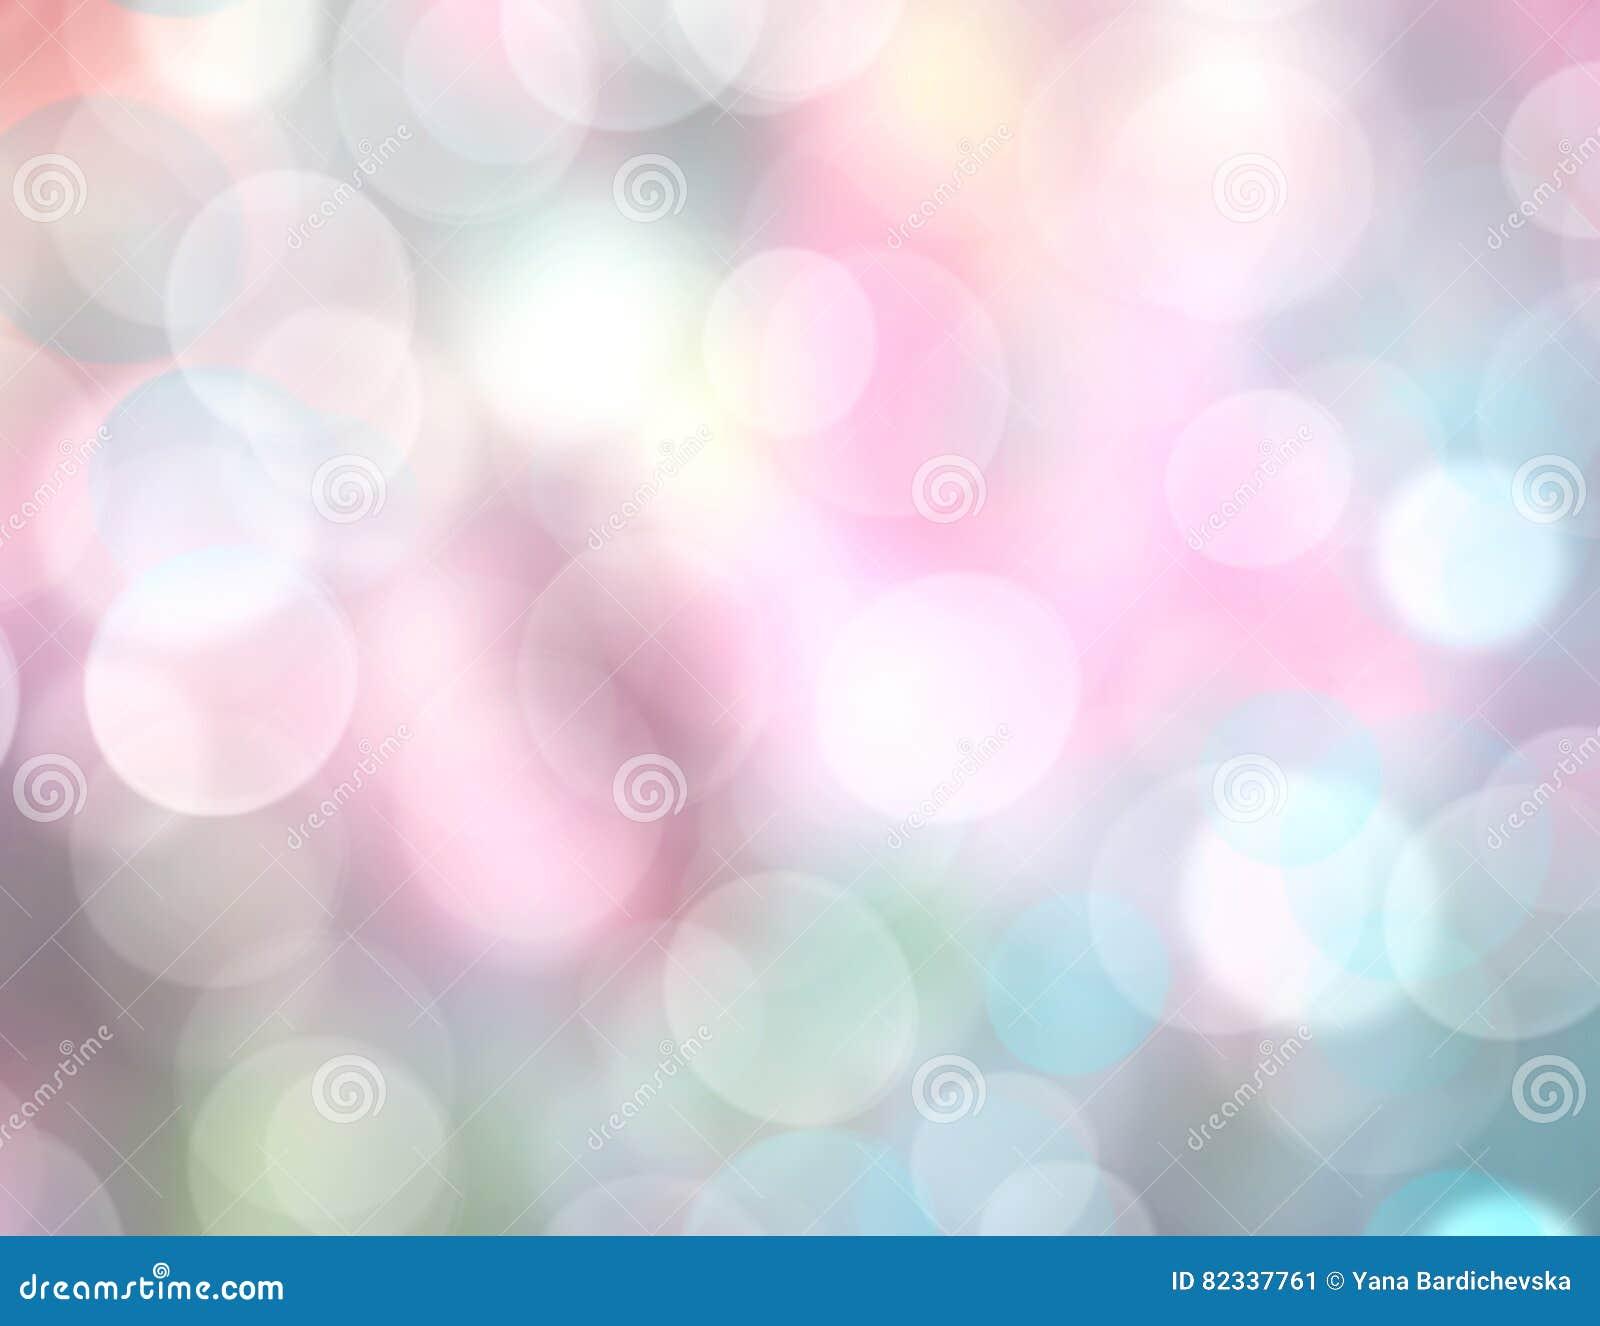 soft rainbow color lights blurred background bokeh defocused light backdrop spring wallpaper 82337761